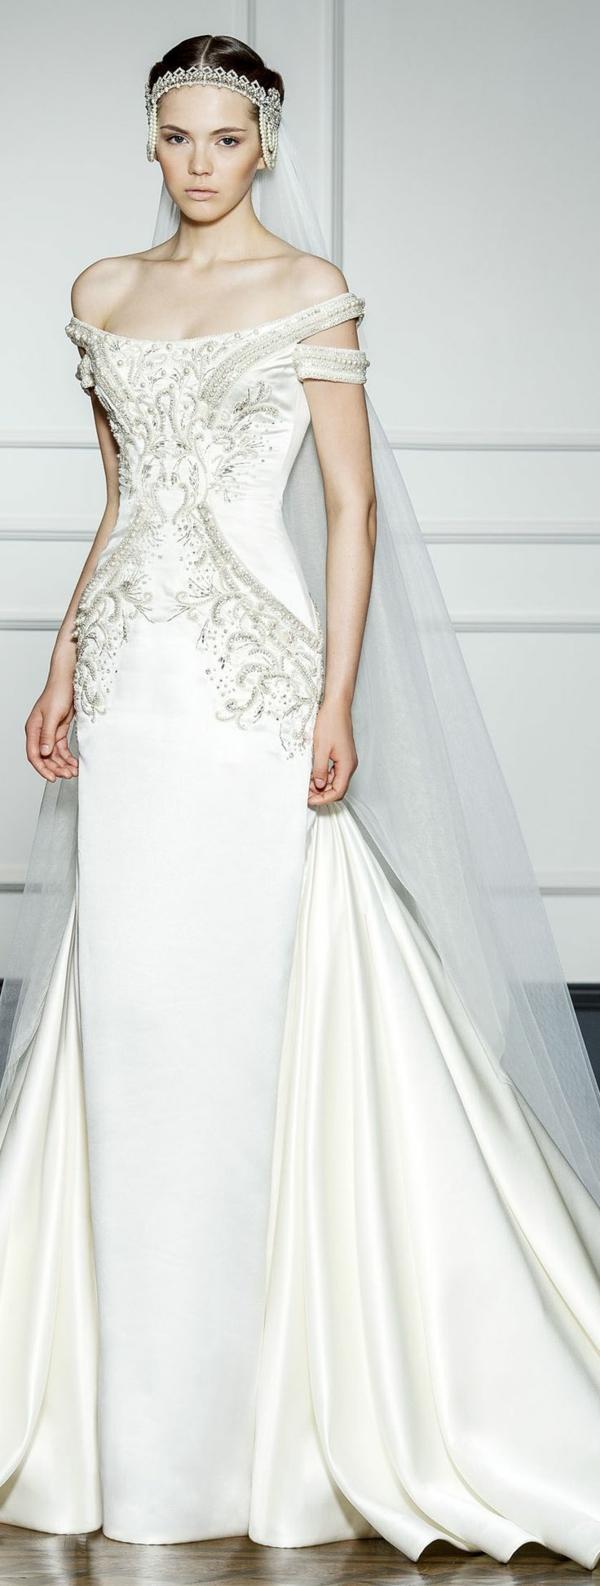 robes-de-mariée-blanc-cailloux